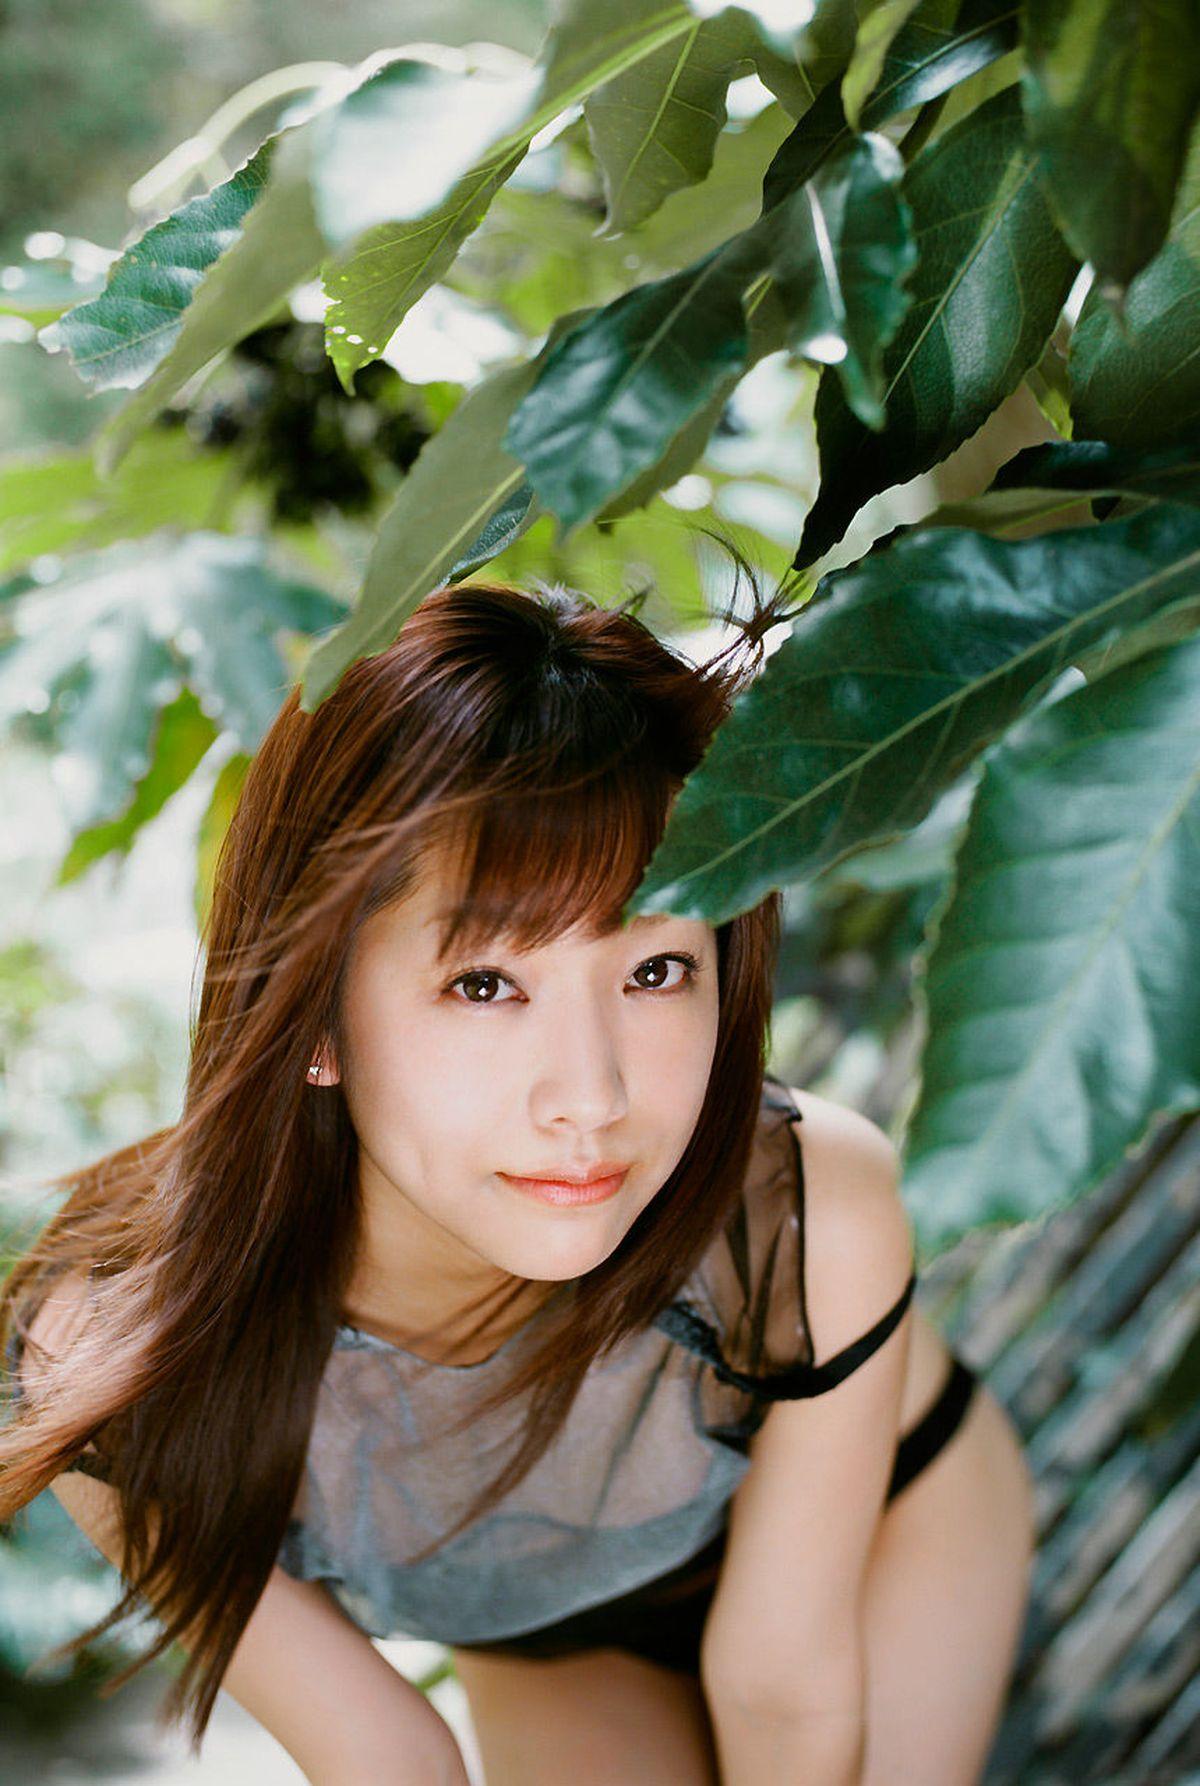 椎名法子-《キミに、触れる、瞬間》[image.tv套图]